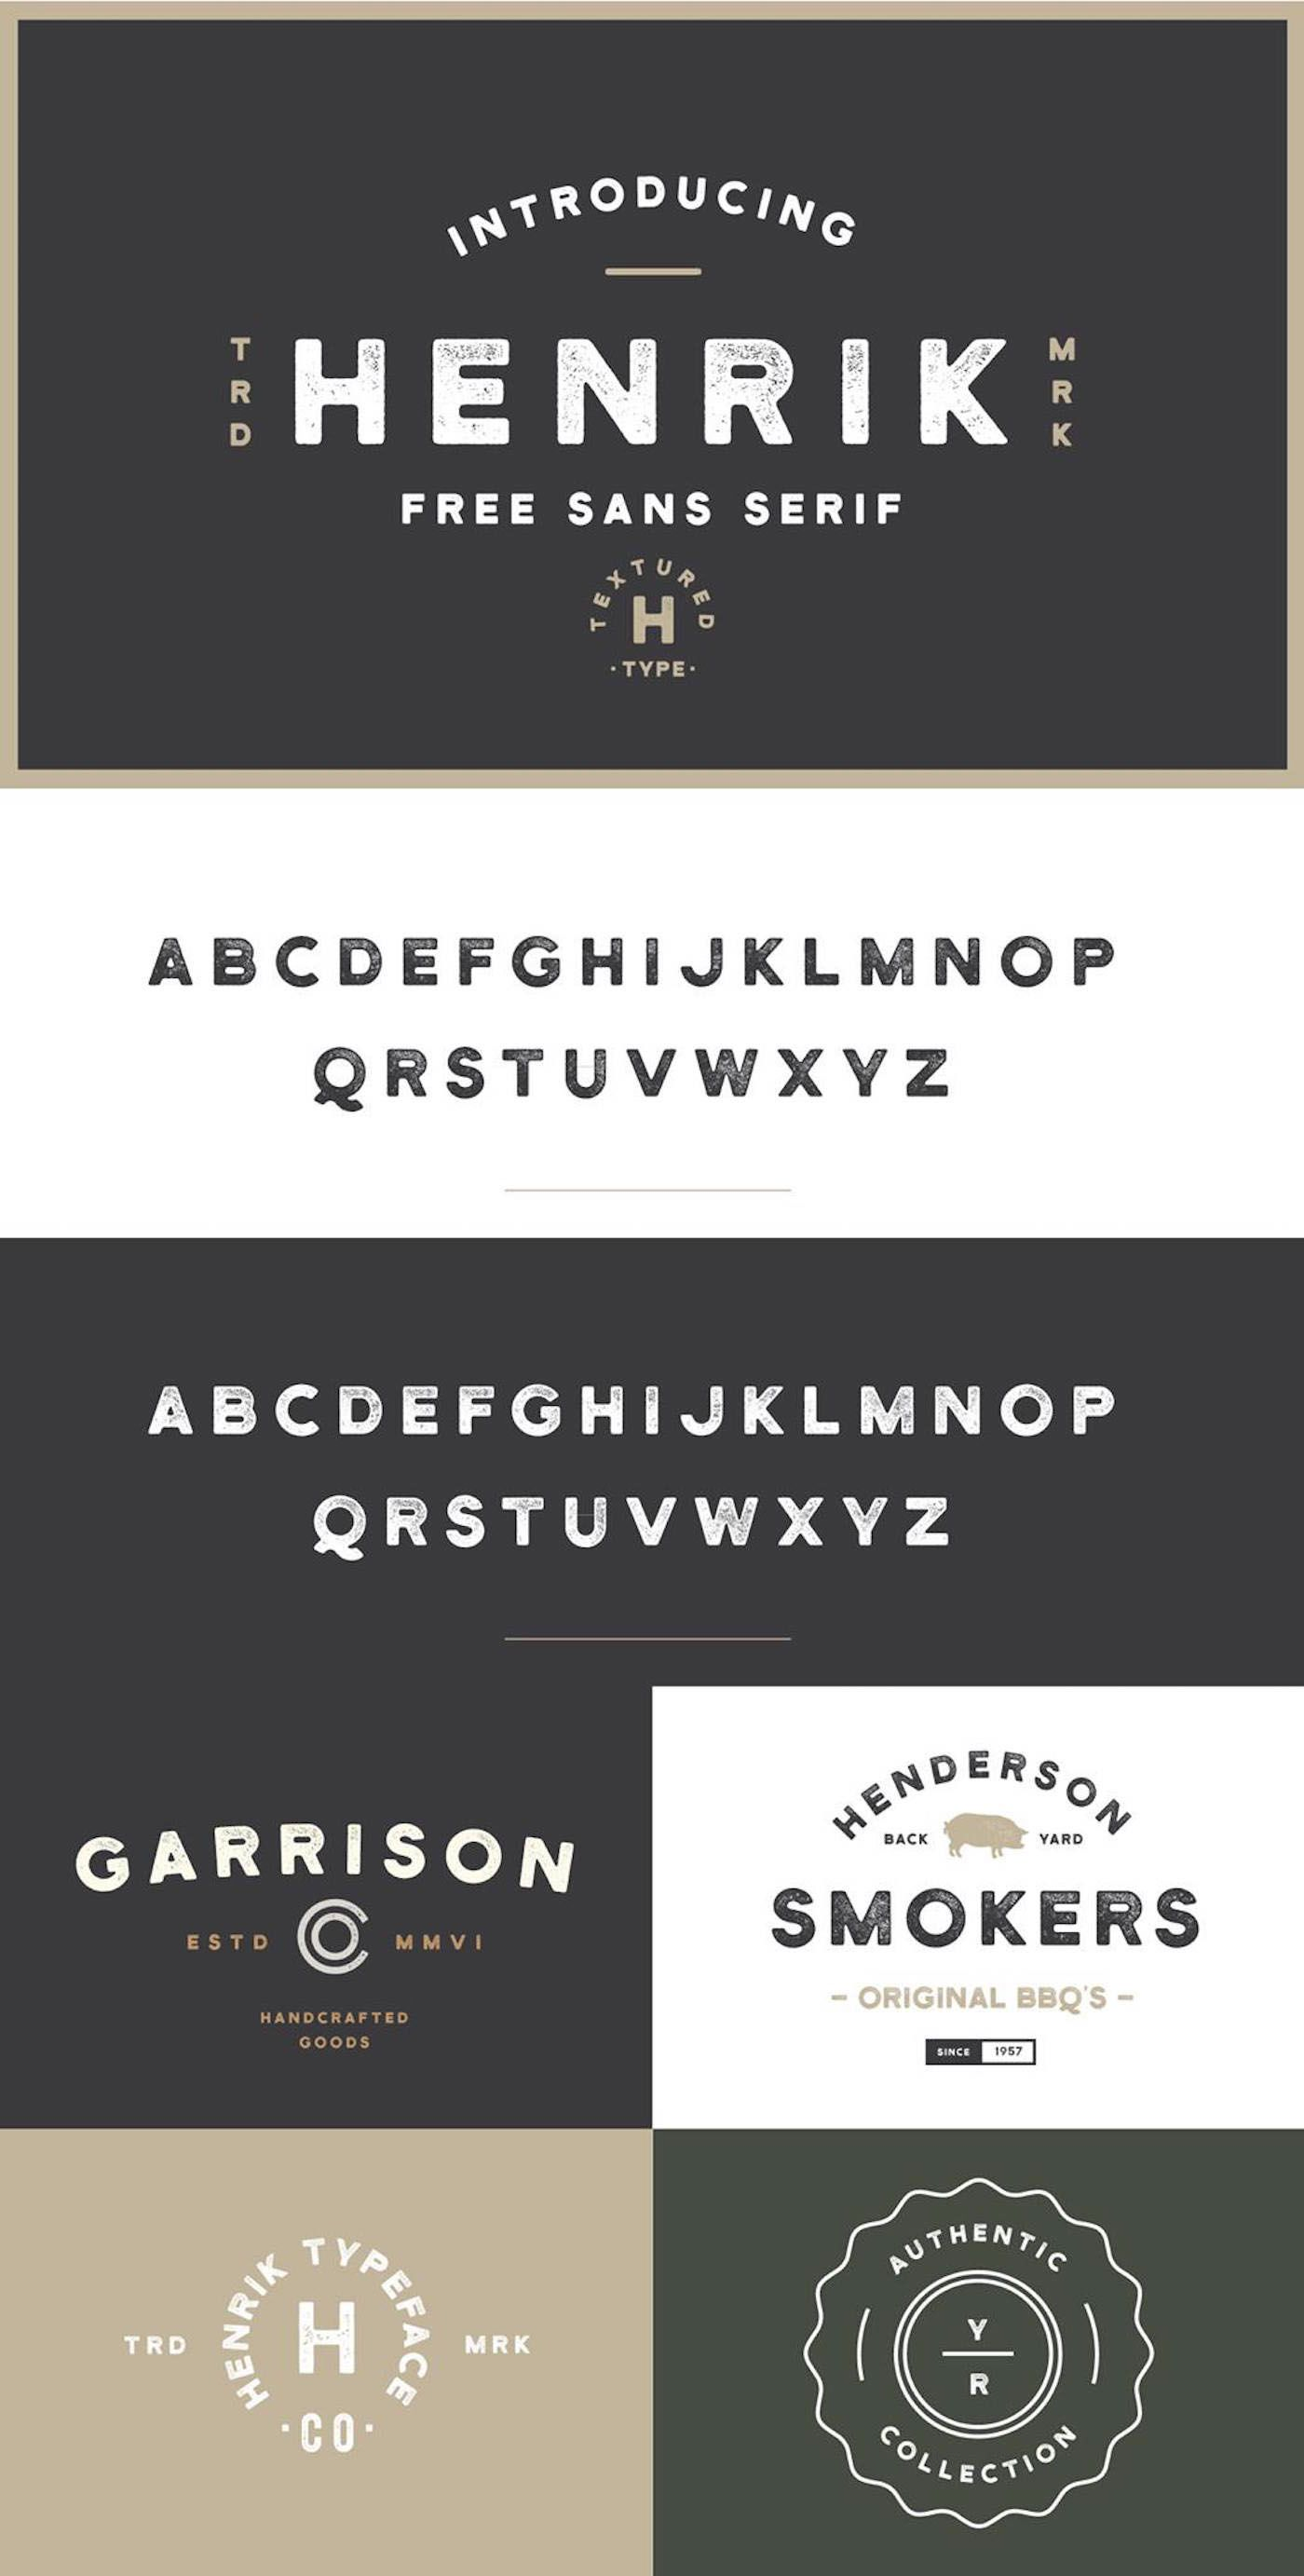 Henrik Free Sans Serif Textured Font On Behance Serif Logo Fonts Sans Serif